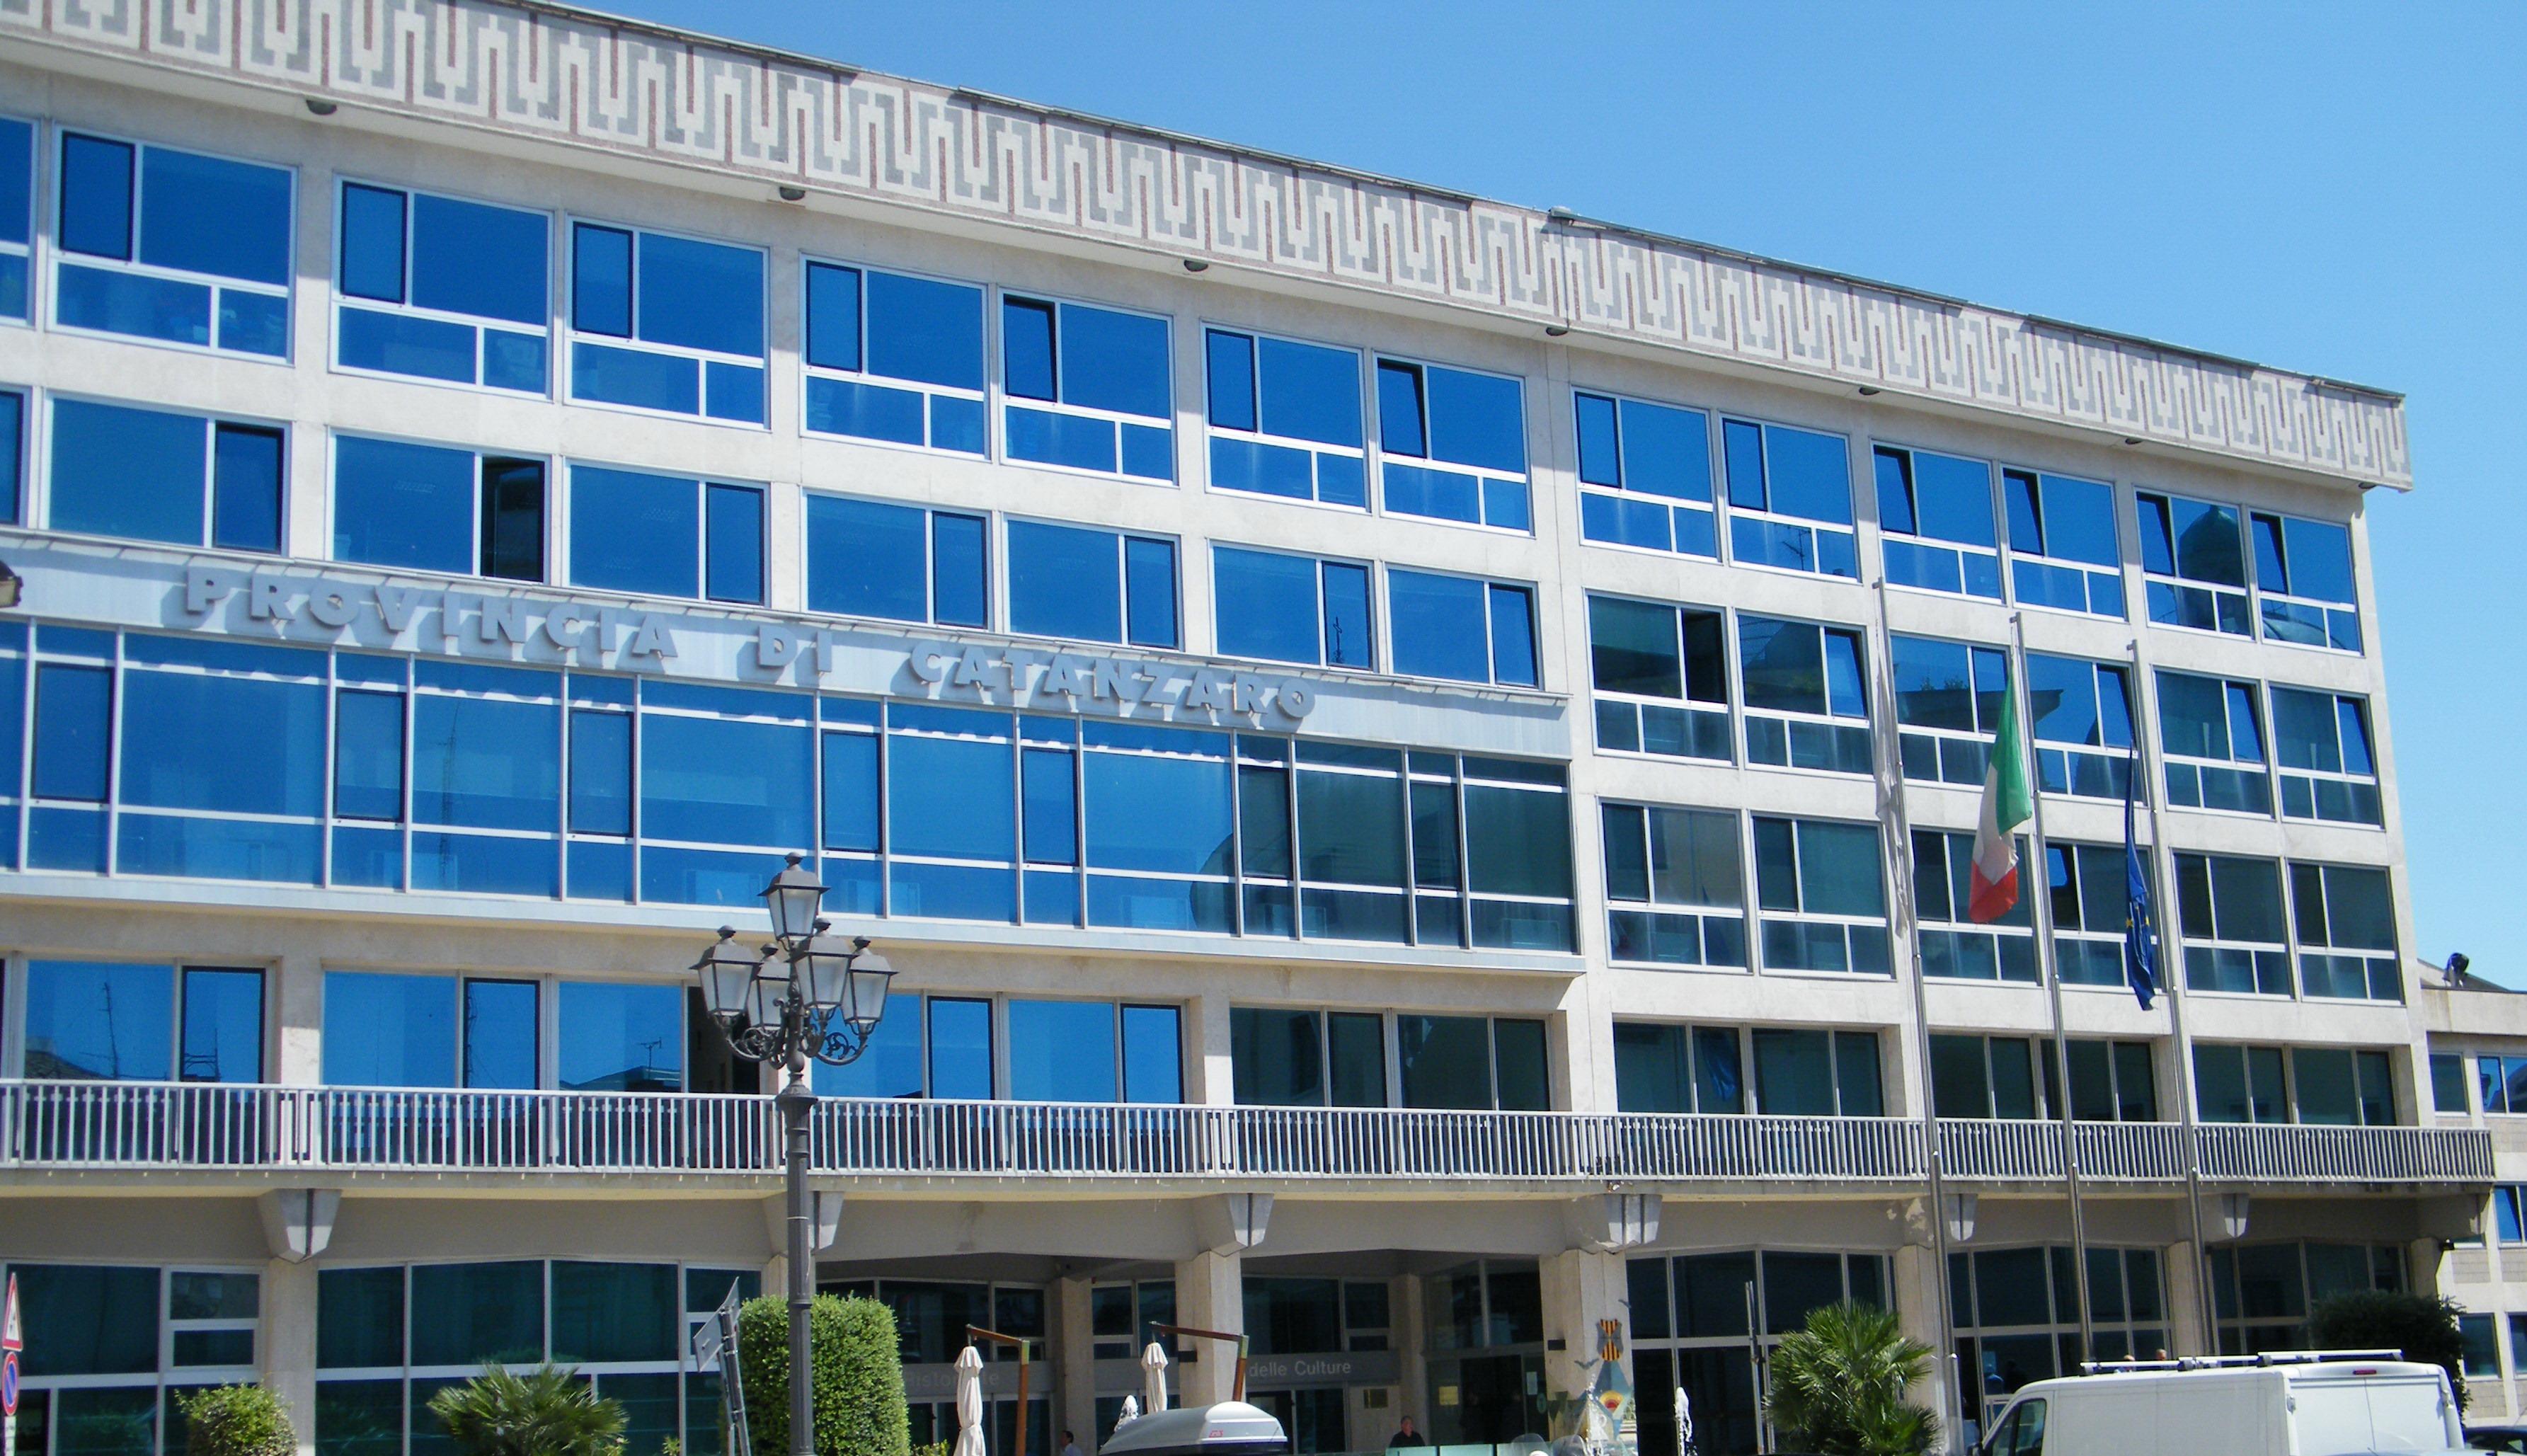 Scuola, Provincia Catanzaro: da ministero 2 milioni per edilizia